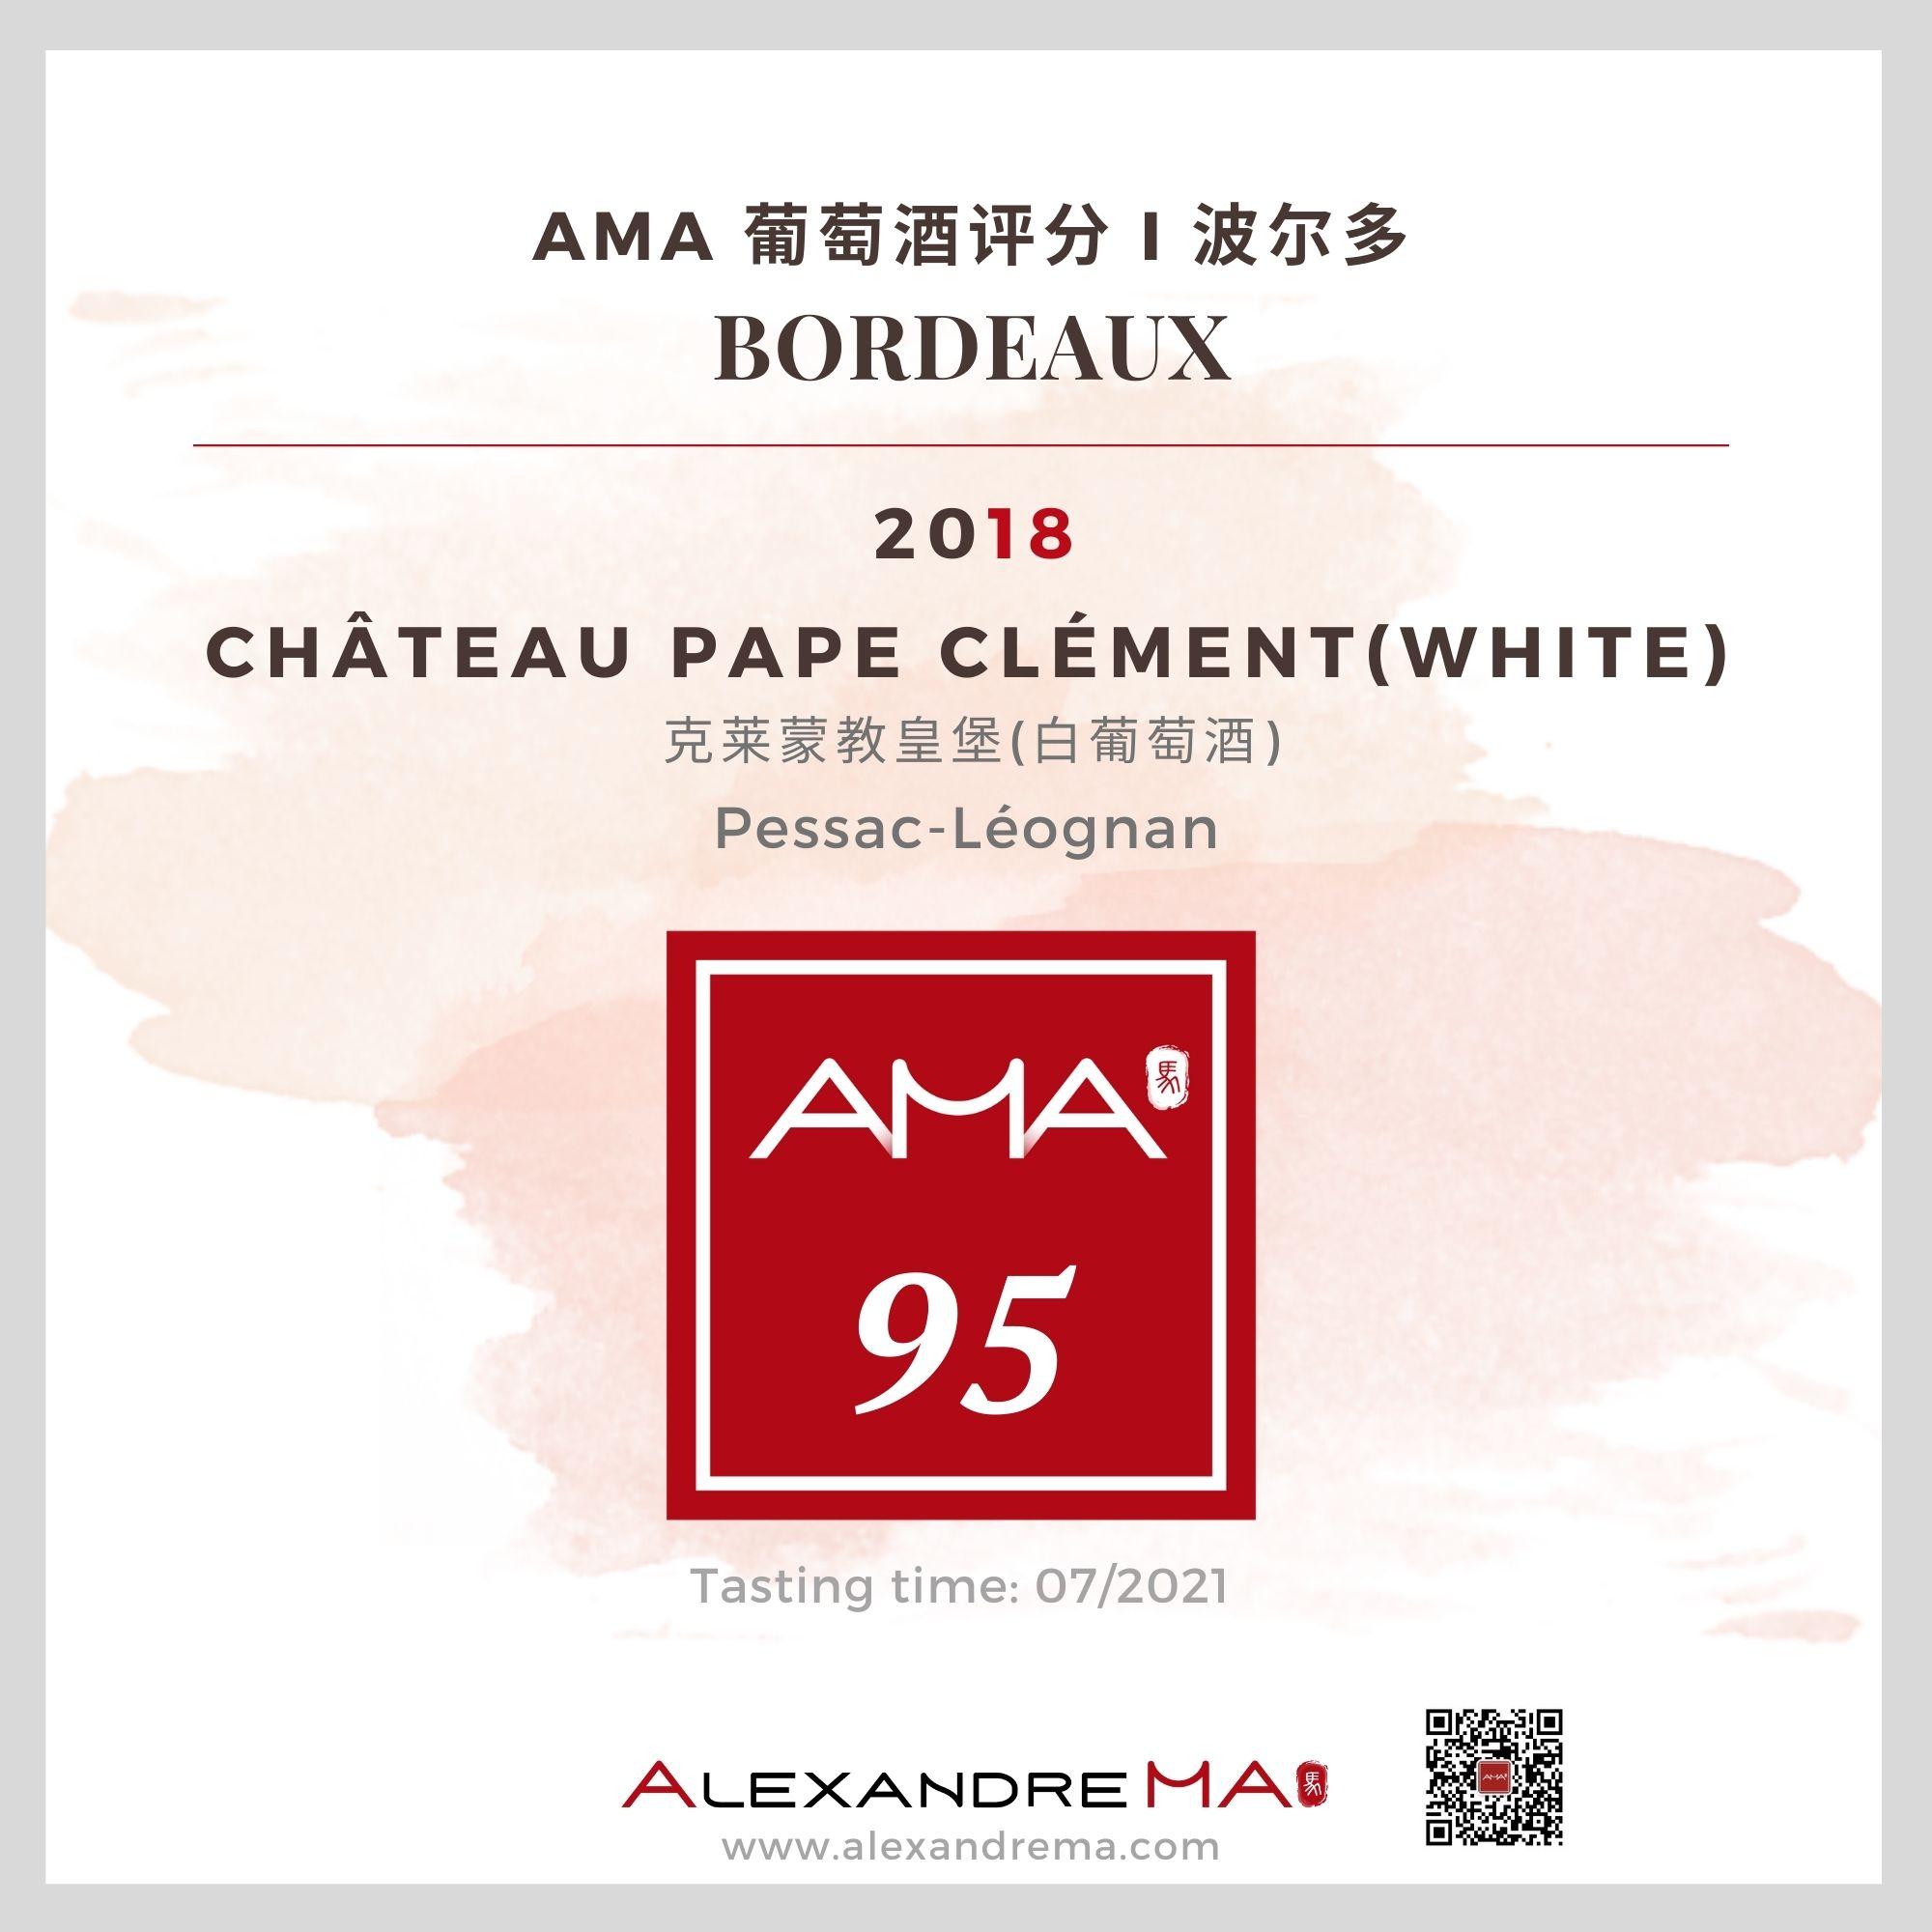 Château Pape Clément 2018 - Alexandre MA